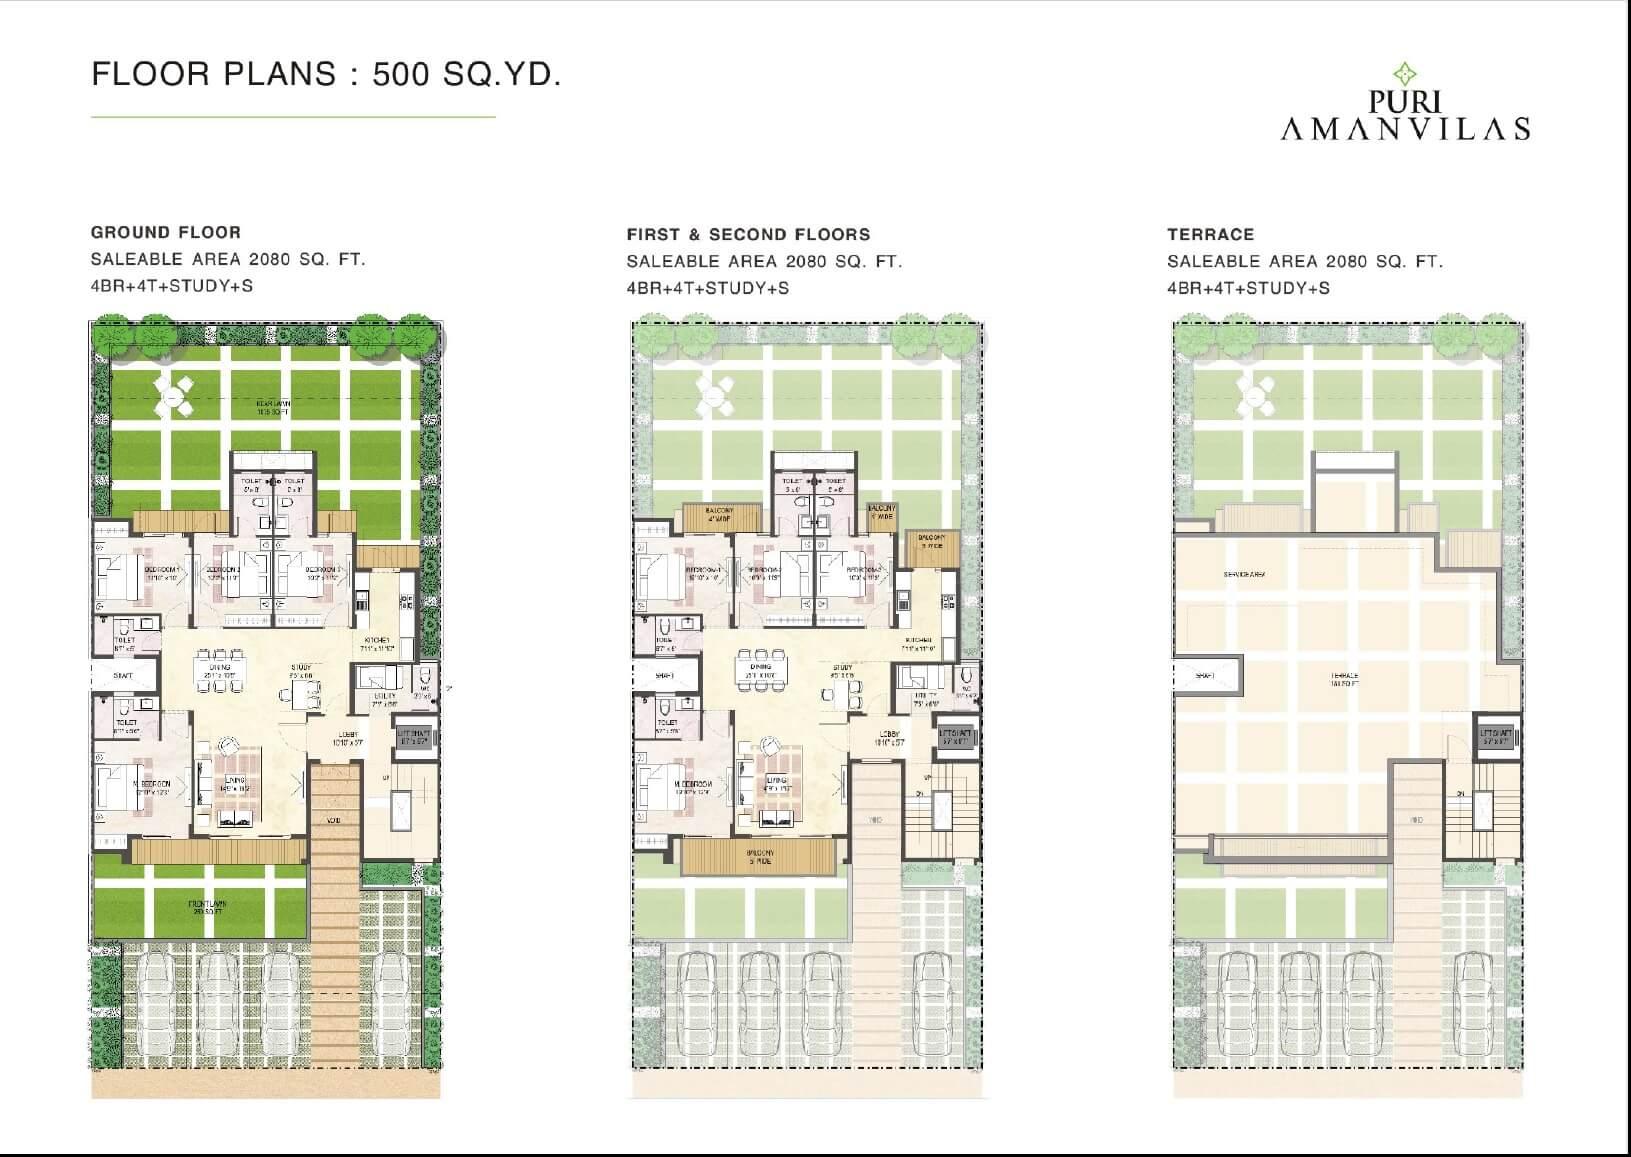 puri aman vilas ind floor 4bhk st 2080sqft 1